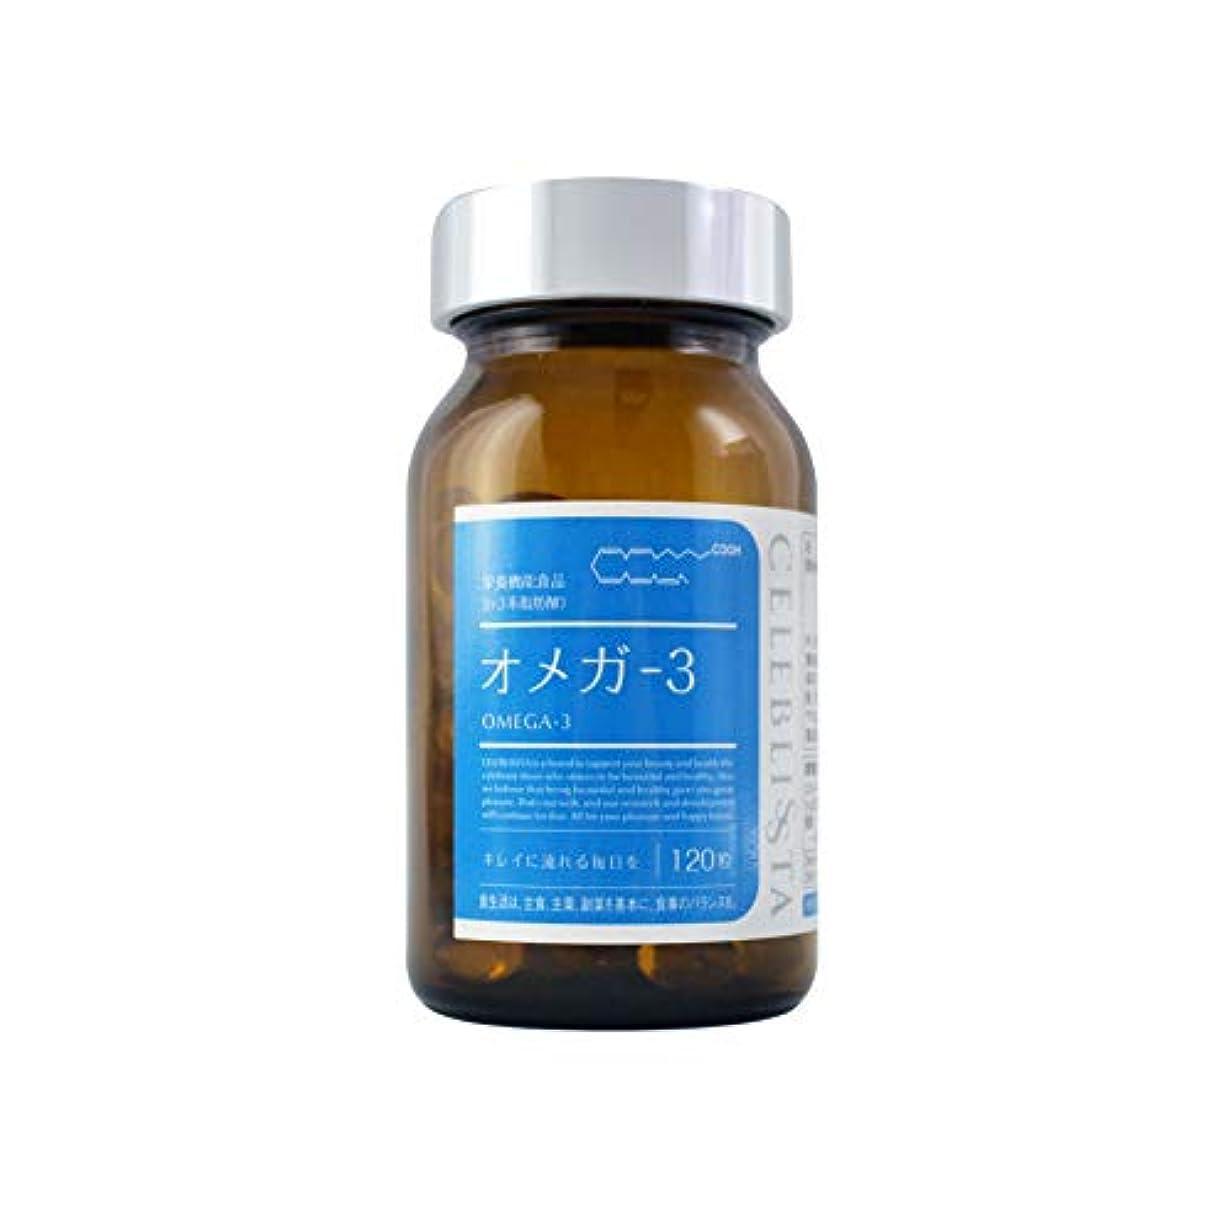 ジャベスウィルソン覚醒恐れるCELEBLISSTA ( セレブリスタ ) オメガ-3 ( 基礎サプリ フィッシュオイル / 30日分 120粒 ) DPA DHA EPA サプリメント ( 日本製 )